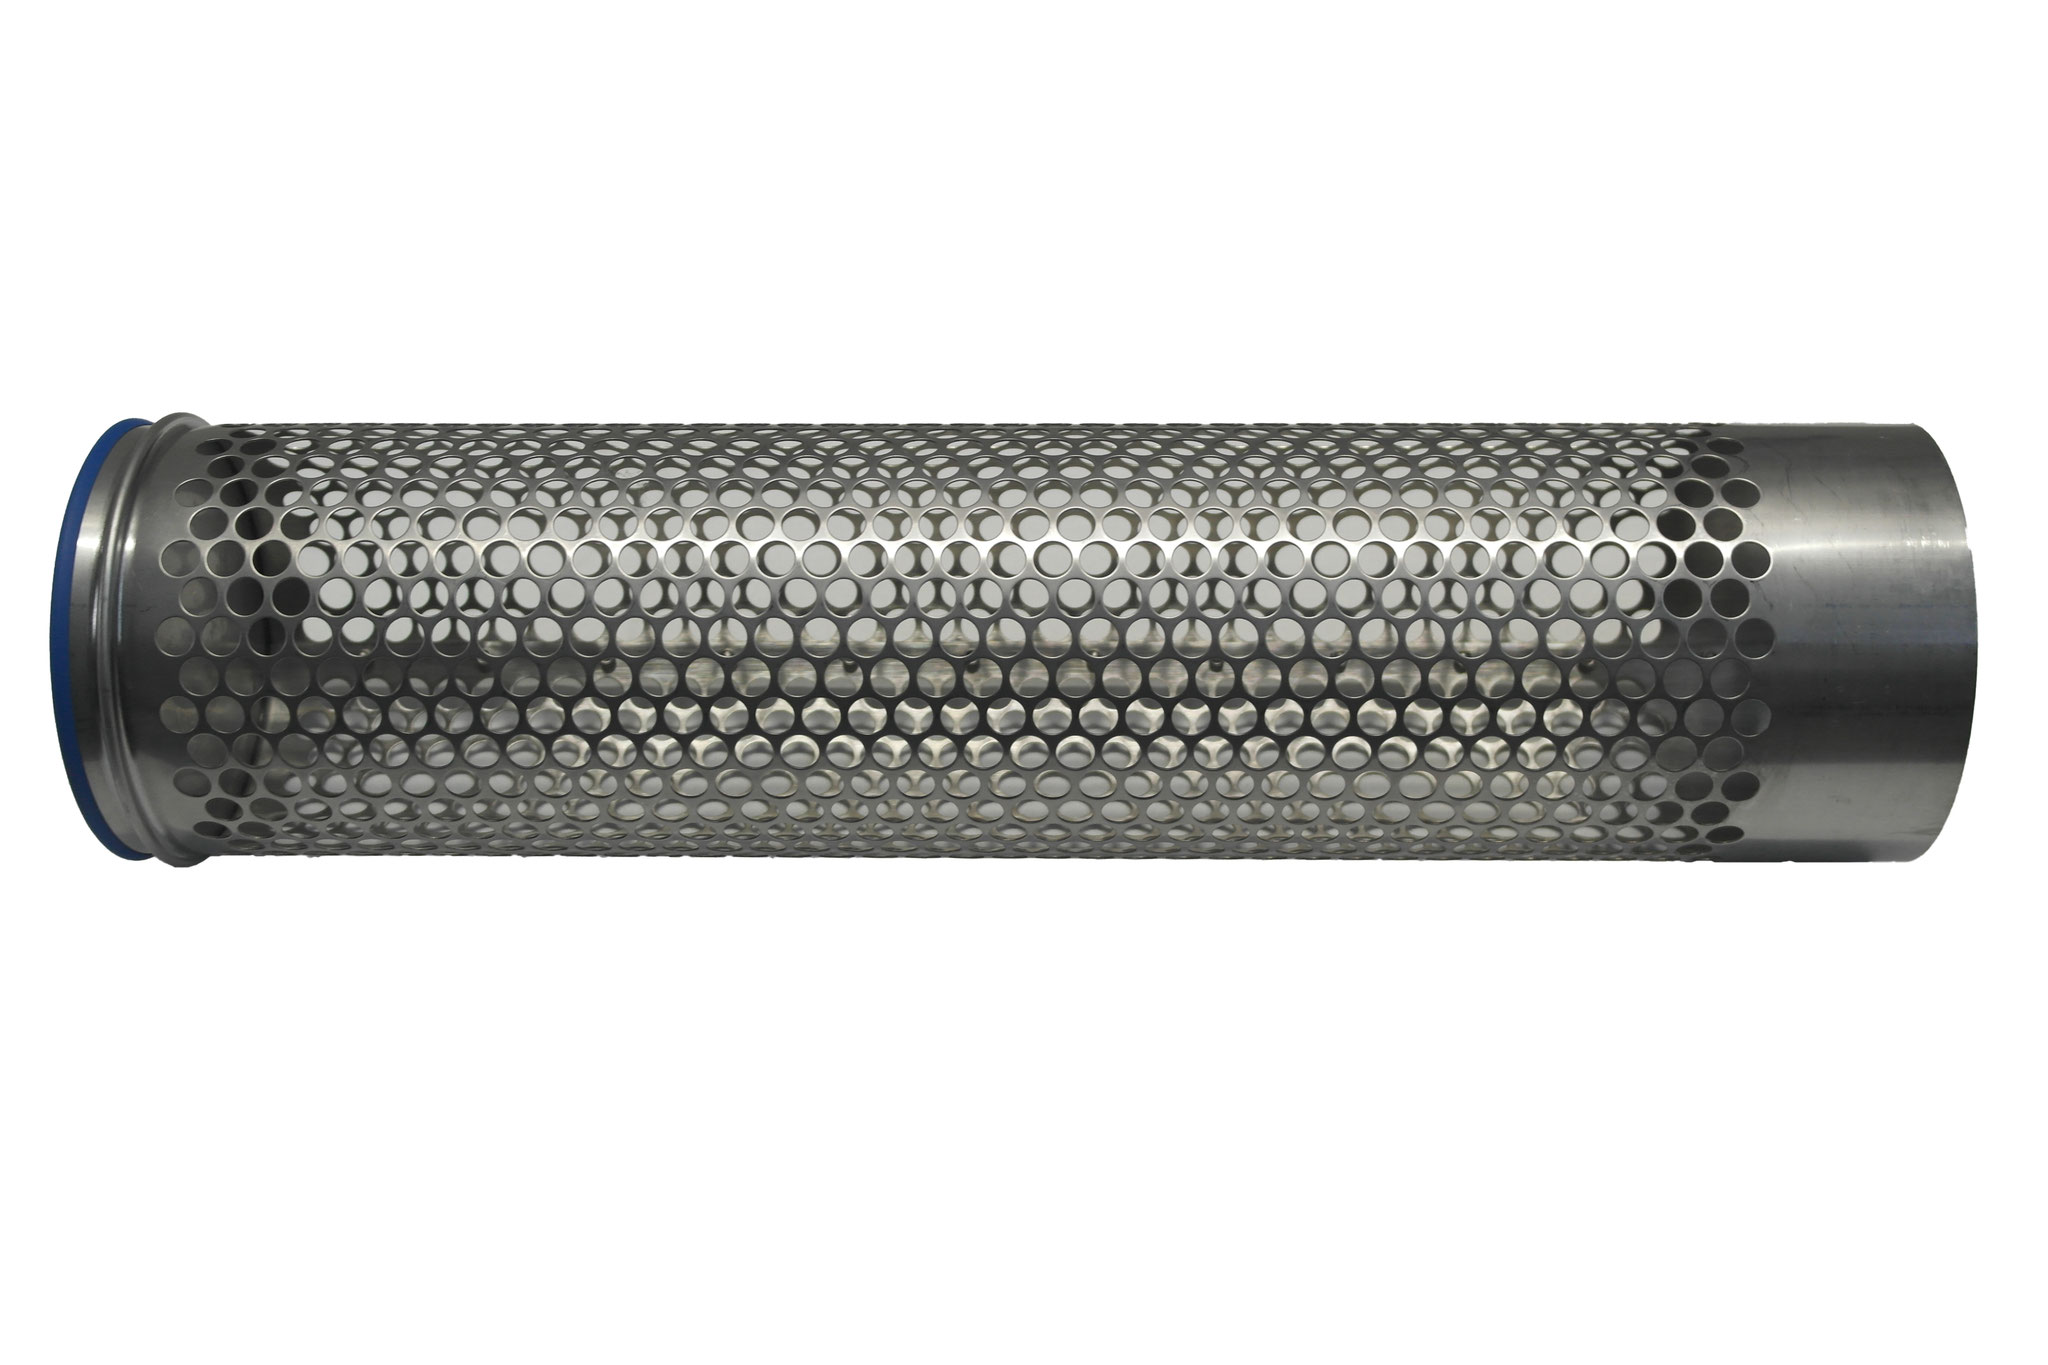 Siebrohr einseitig verschlossen für 125er KG Rohr (DN 125)